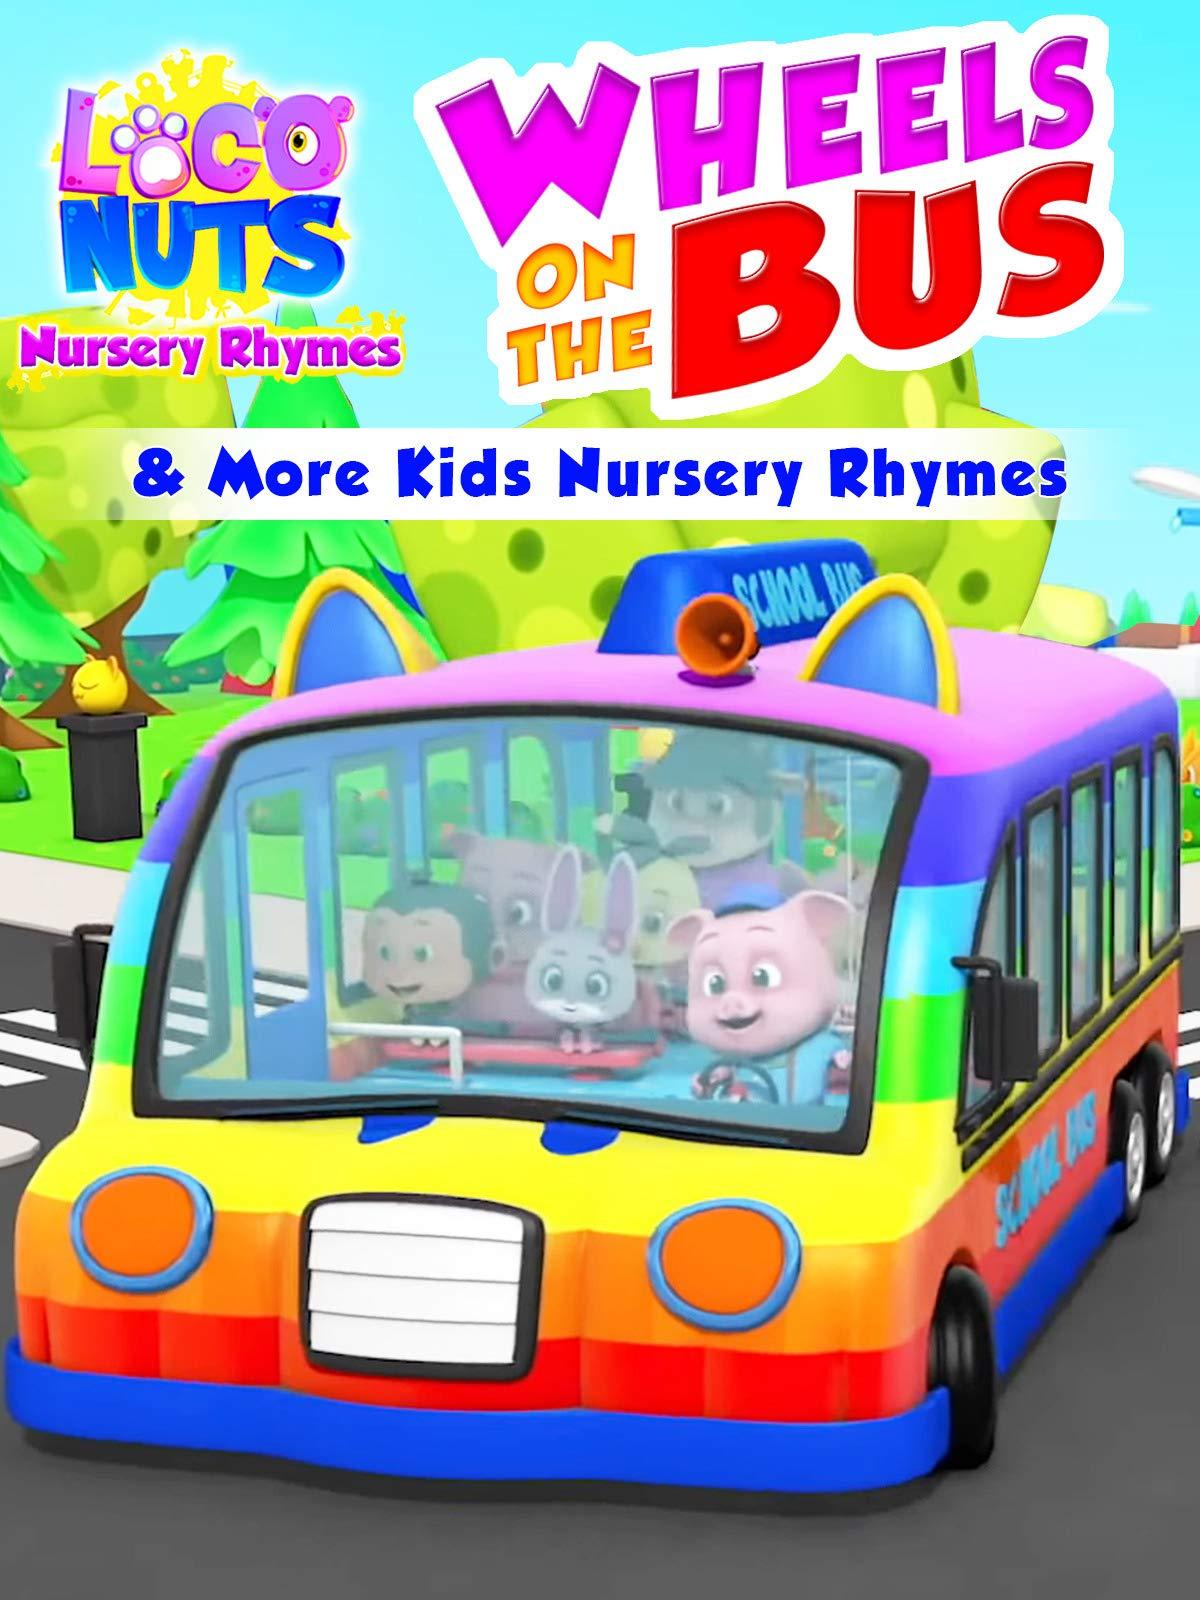 Wheels on the Bus & More kids Nursery Rhymes - Loco Nuts Nursery Rhymes